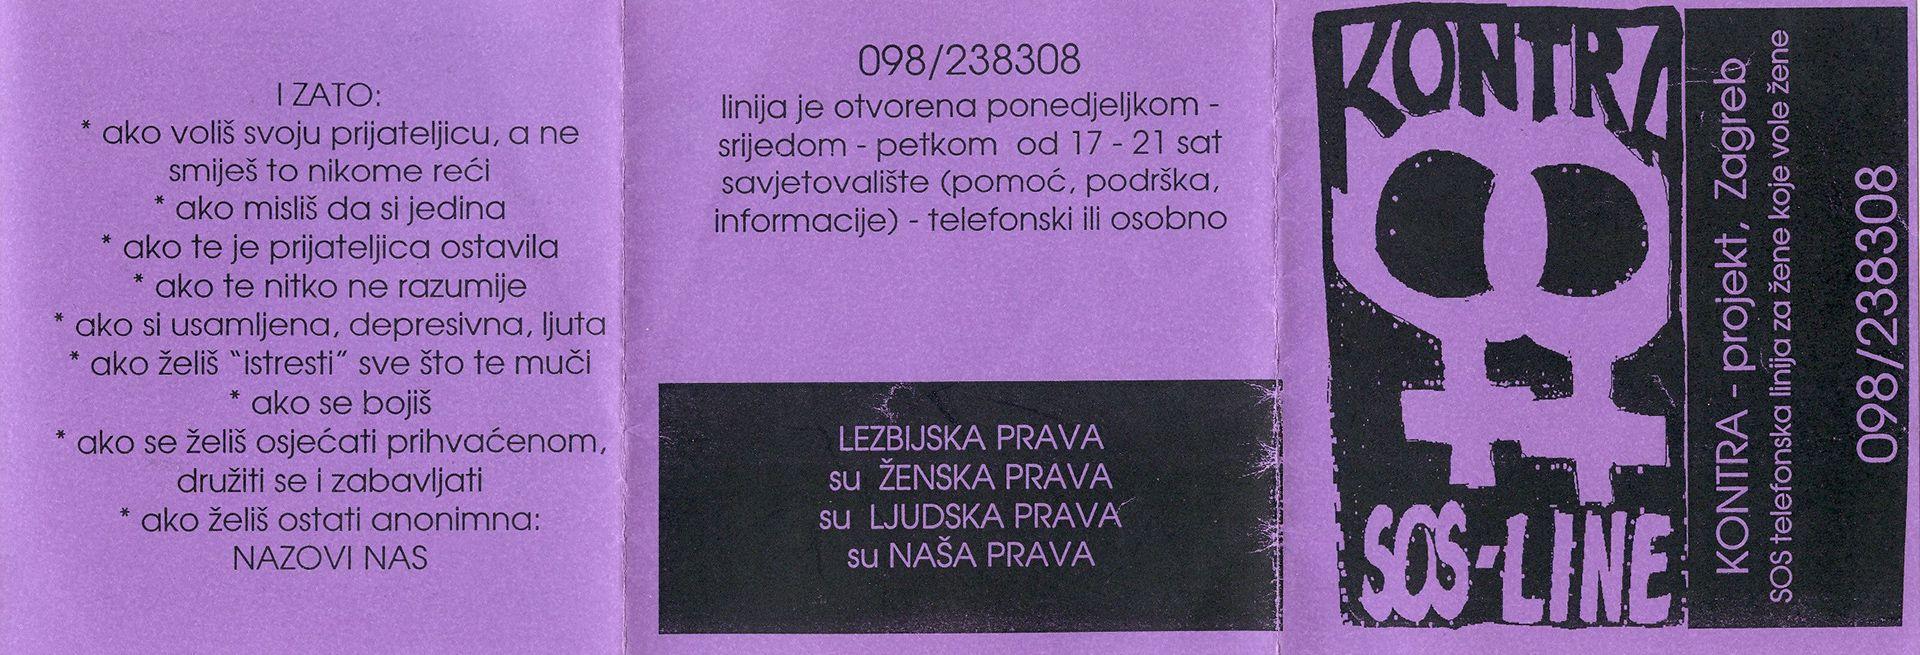 P37_1d43860d1c